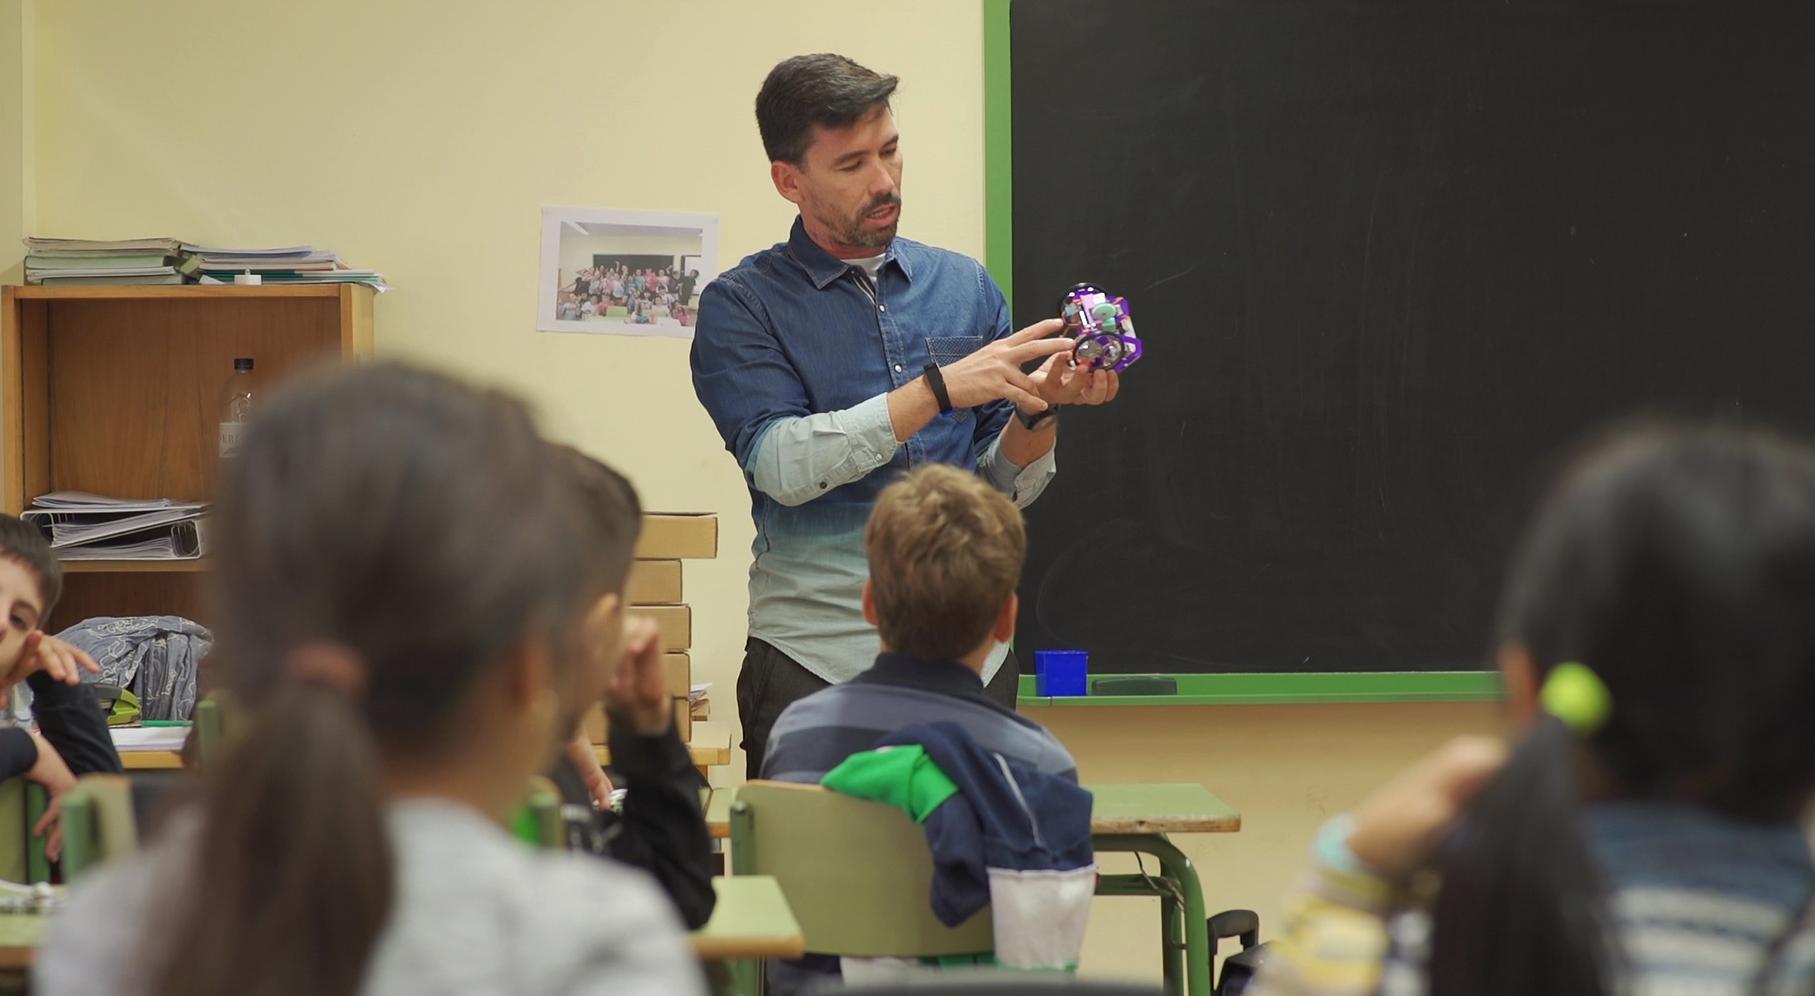 Segon Any D'intervenció D'EduLab A Les Escoles De Cornellà De Llobregat: Nous Projectes De Programació I Robòtica, Més Robot Fantàstic I Més Autonomia!